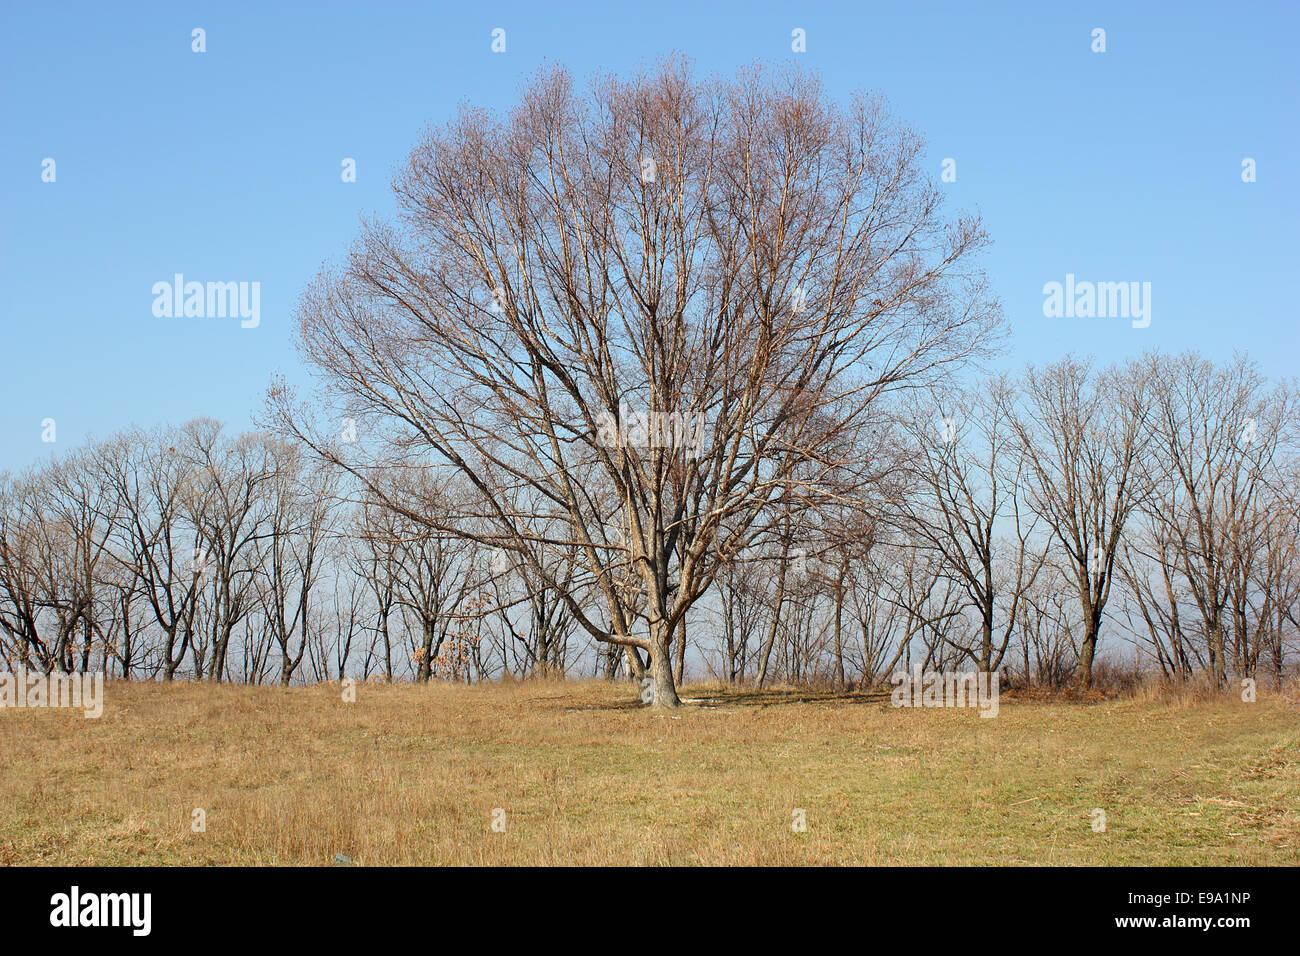 Oak tree in a field  devoid of leaves - Stock Image